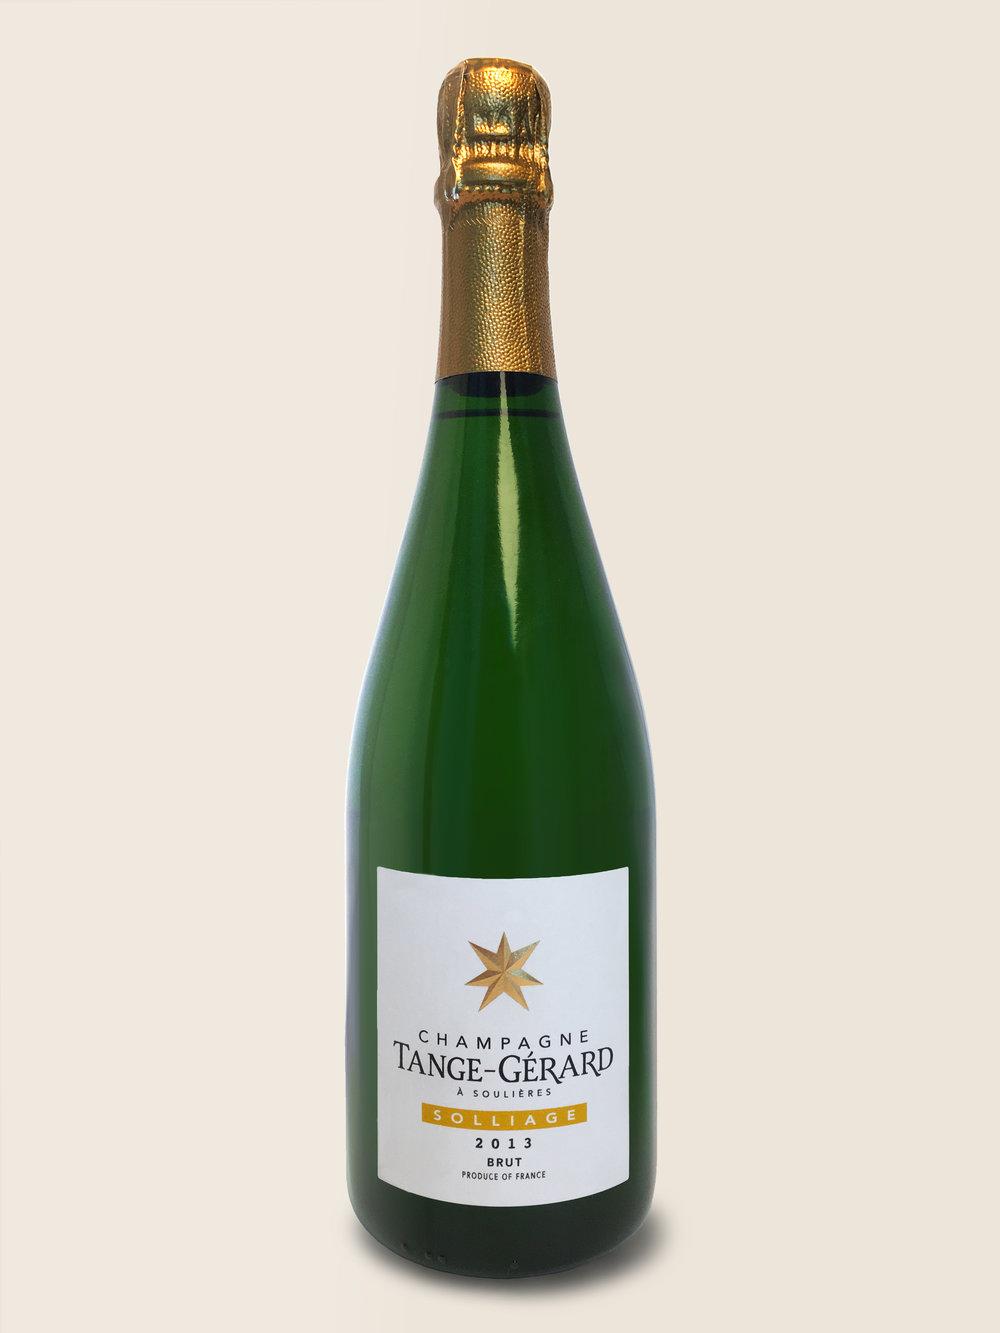 Solliage - Solliage har en meget ren, meget frisk smag med masser af kant. En blanc de blancs, lavet af 100% Chardonnay fra det usædvanligt sene år 2013. Kun 3.000 flasker.